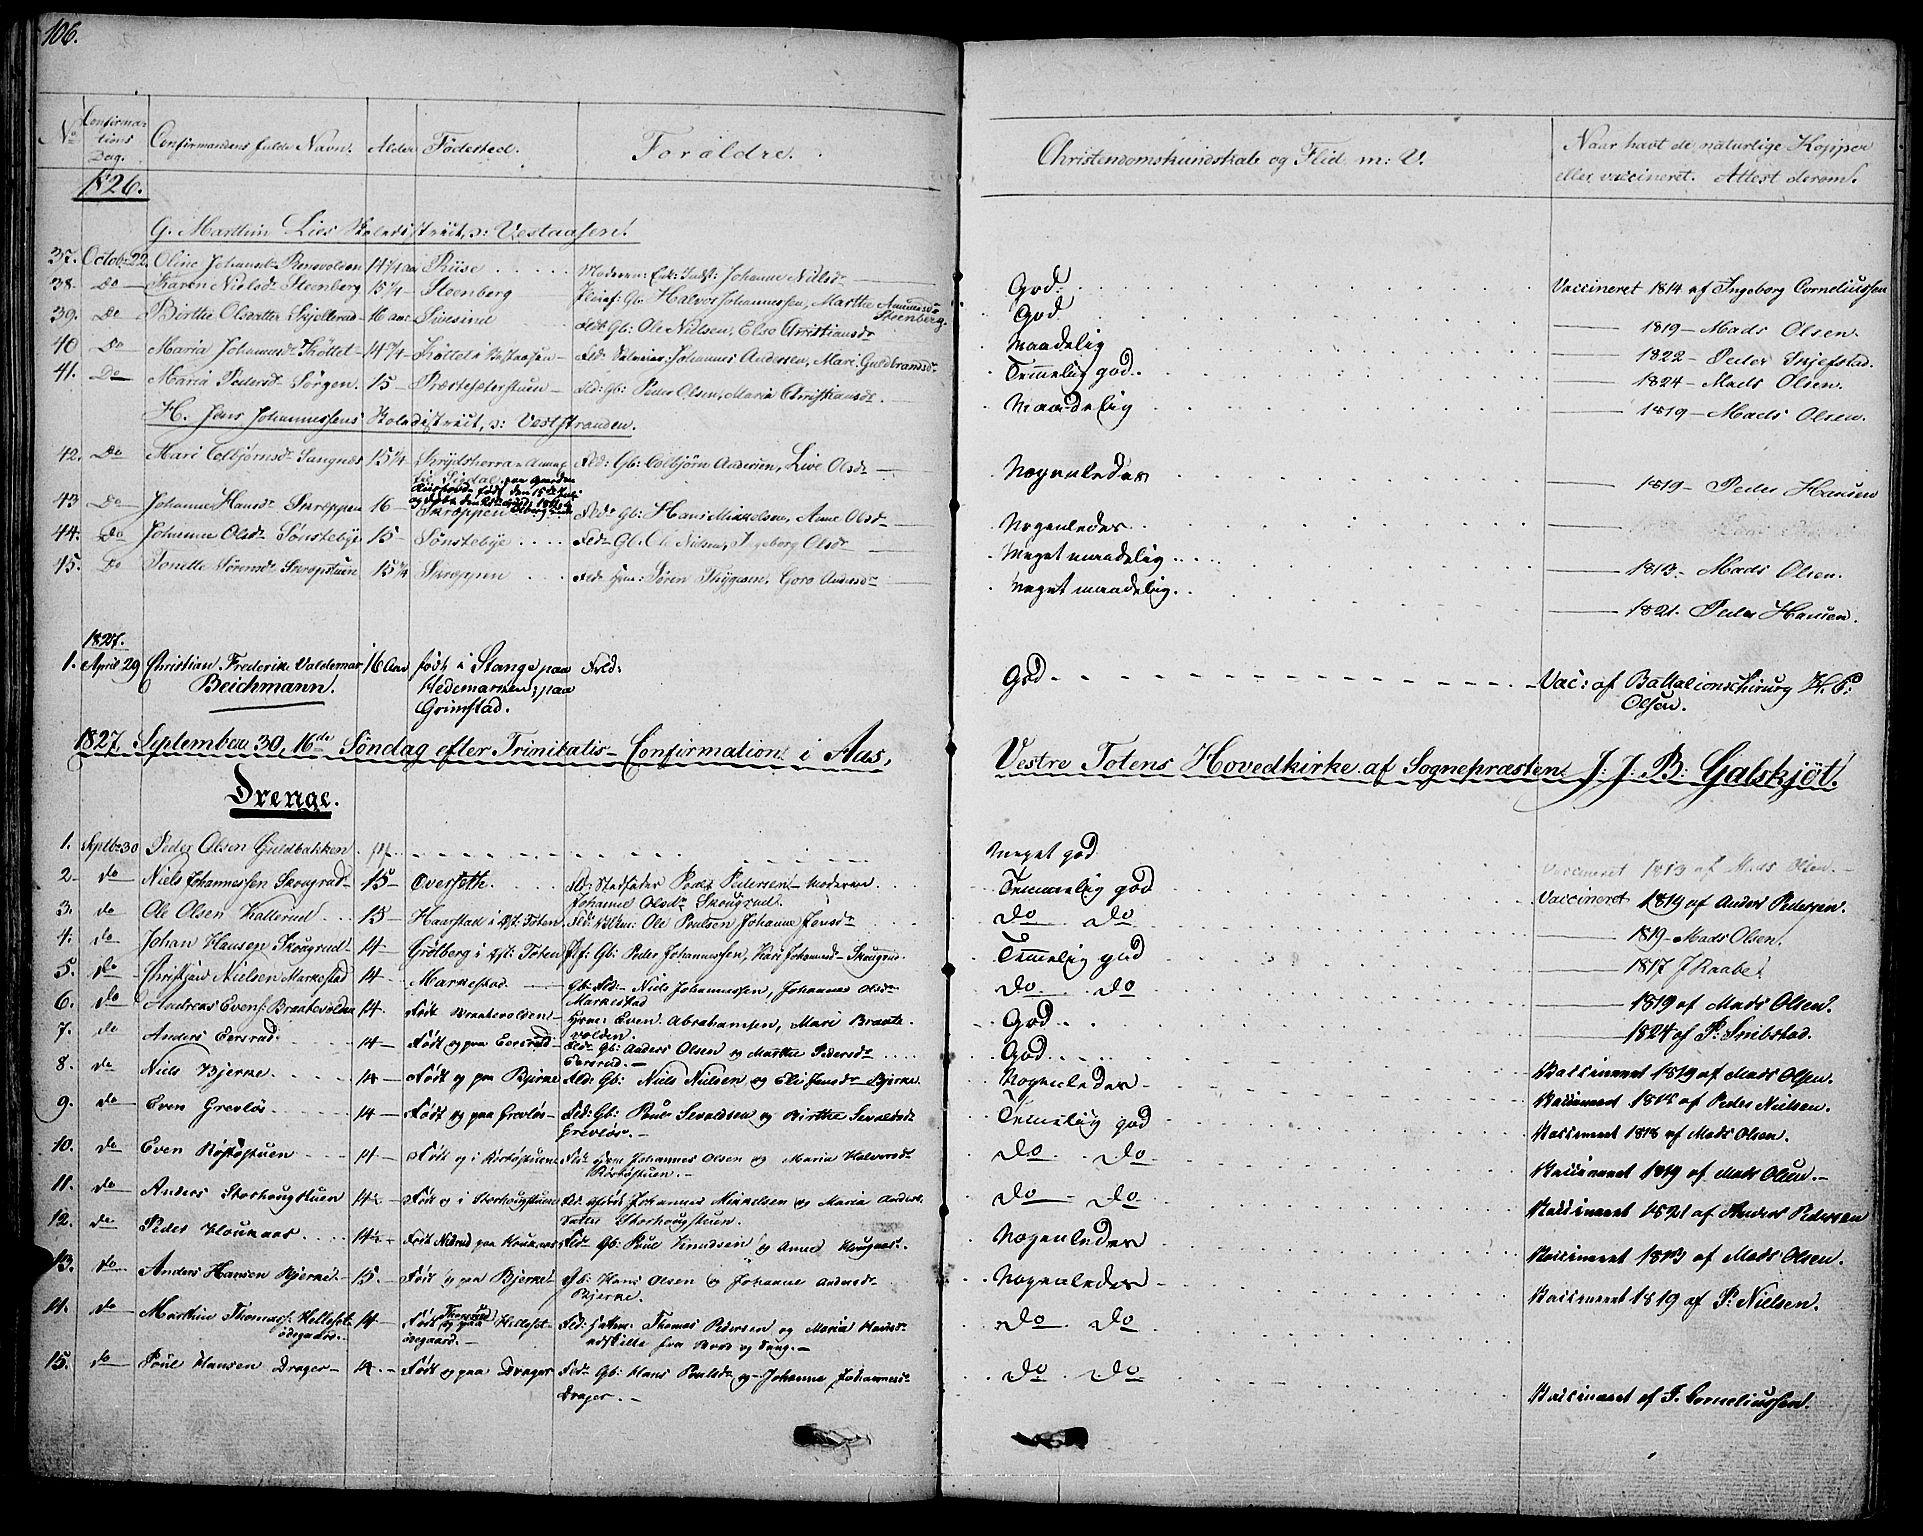 SAH, Vestre Toten prestekontor, Ministerialbok nr. 2, 1825-1837, s. 106